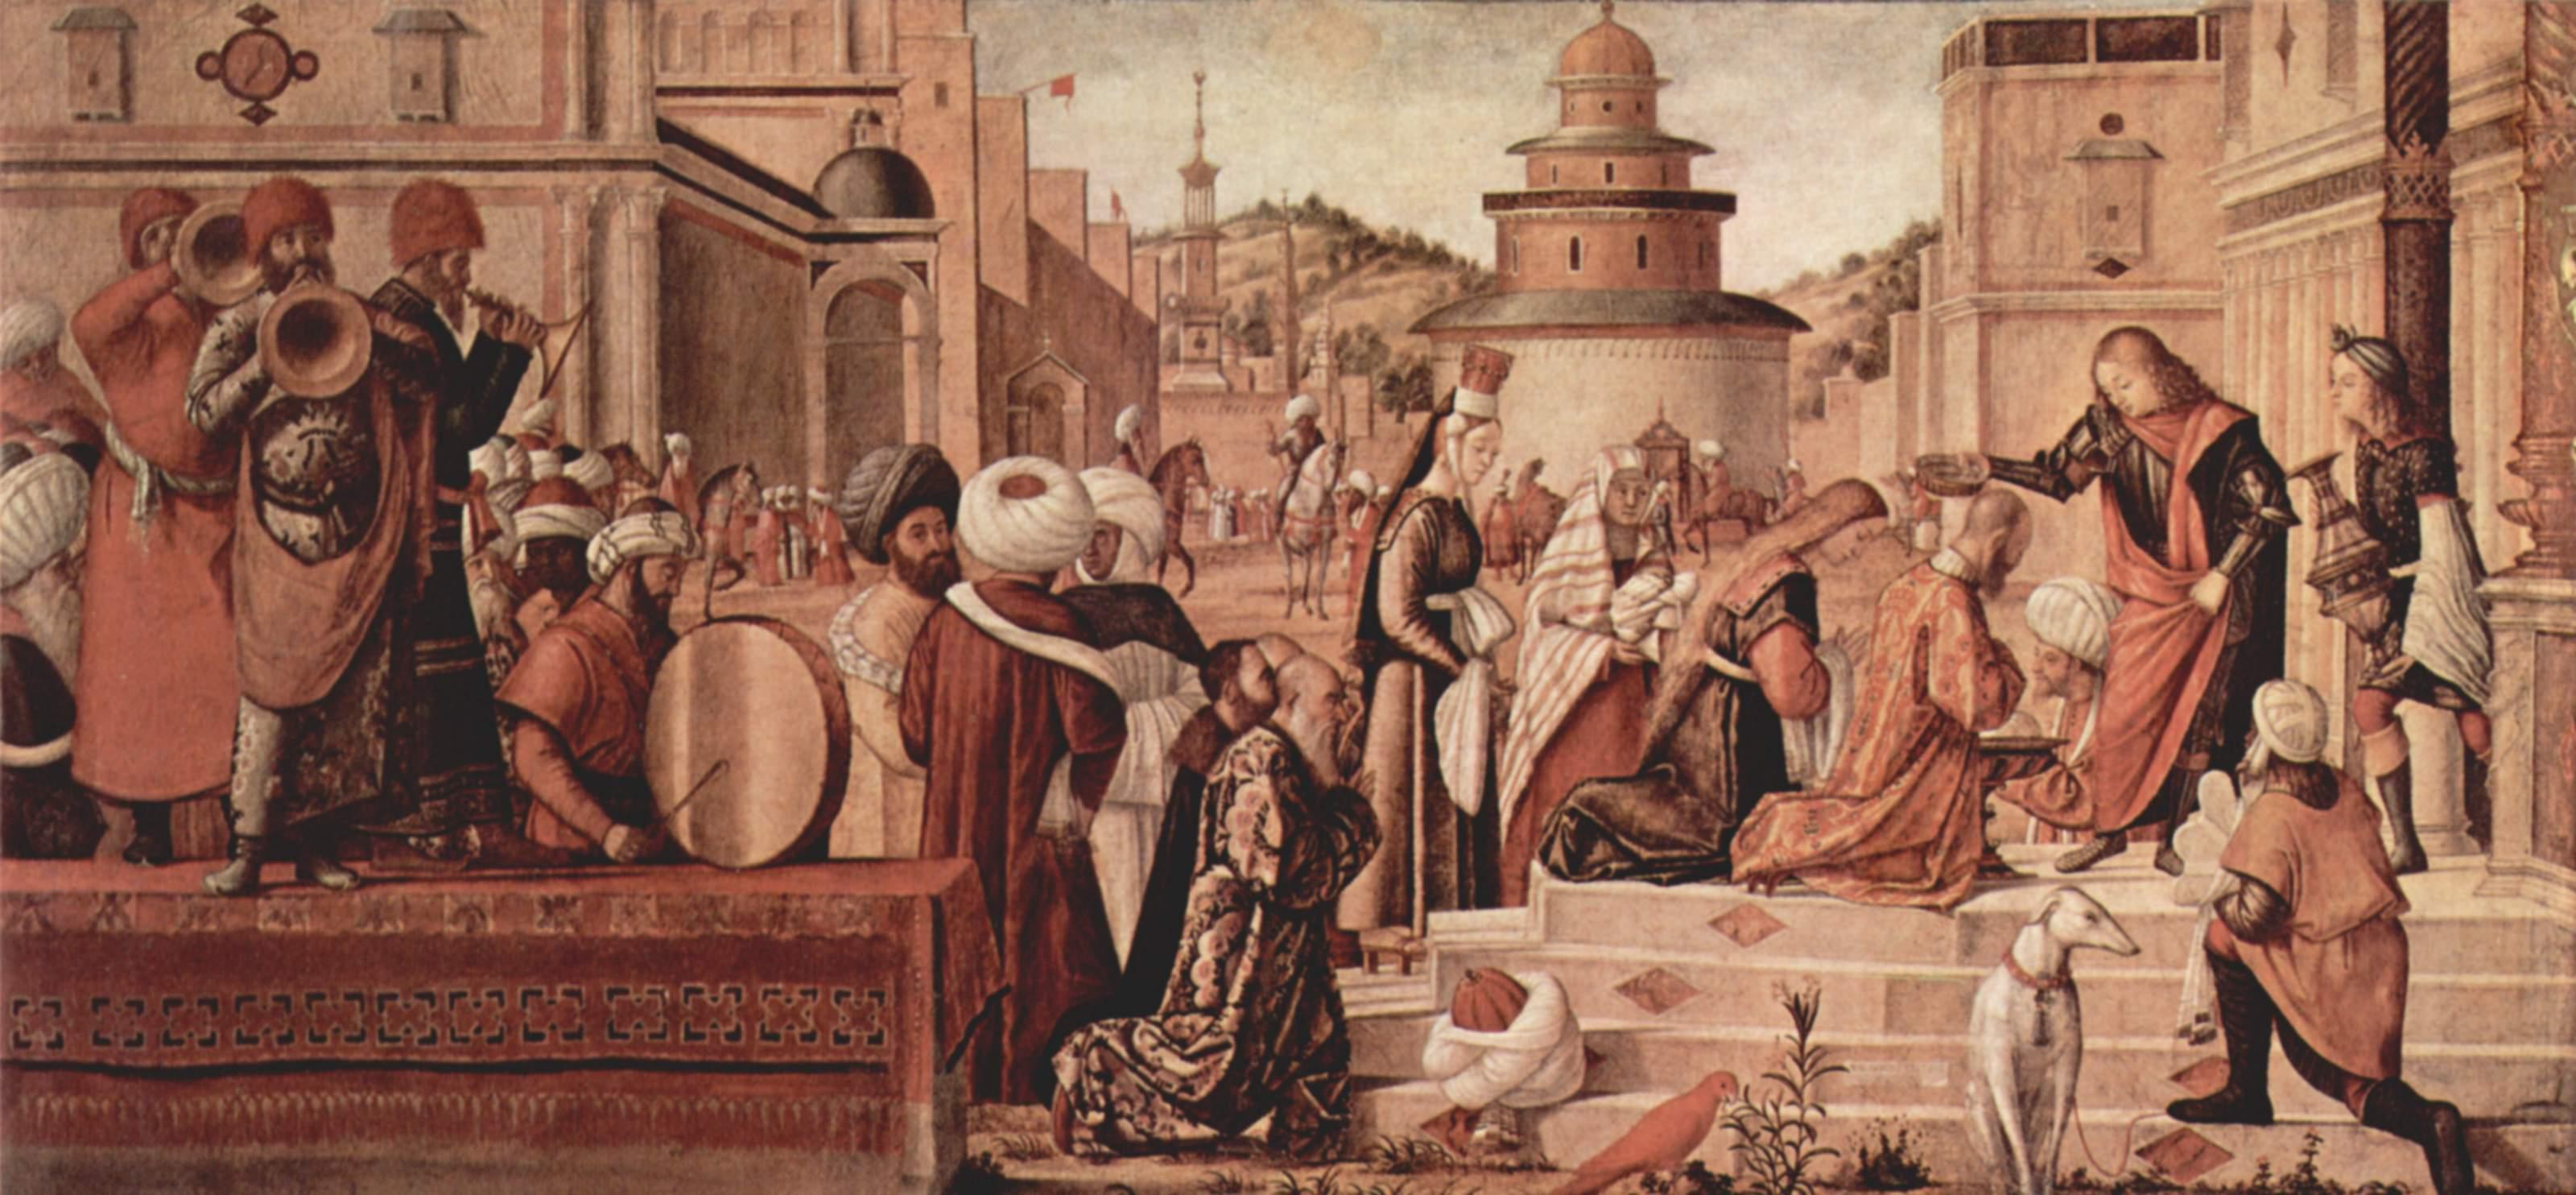 Цикл картин капеллы Скуола ди Сан Джорджио Скьявони, крещение неверующих св. Георгием, Витторе Карпаччо